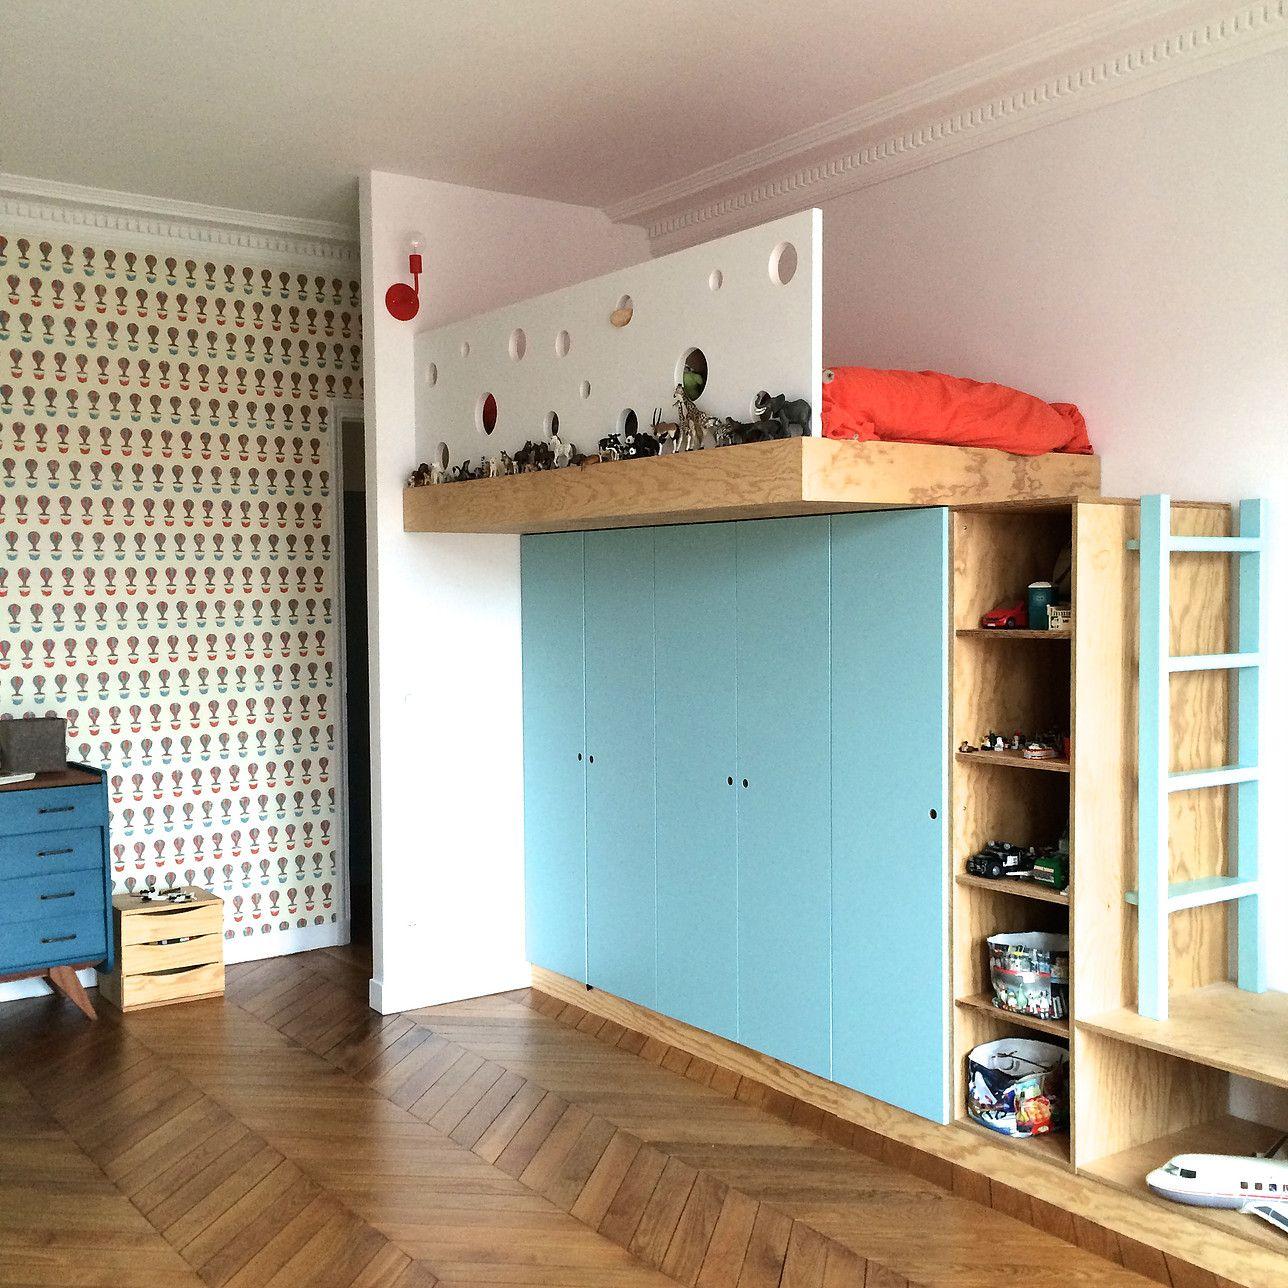 Chez A & L - 16 et 16 ans  Design chambre enfant, Amenagement